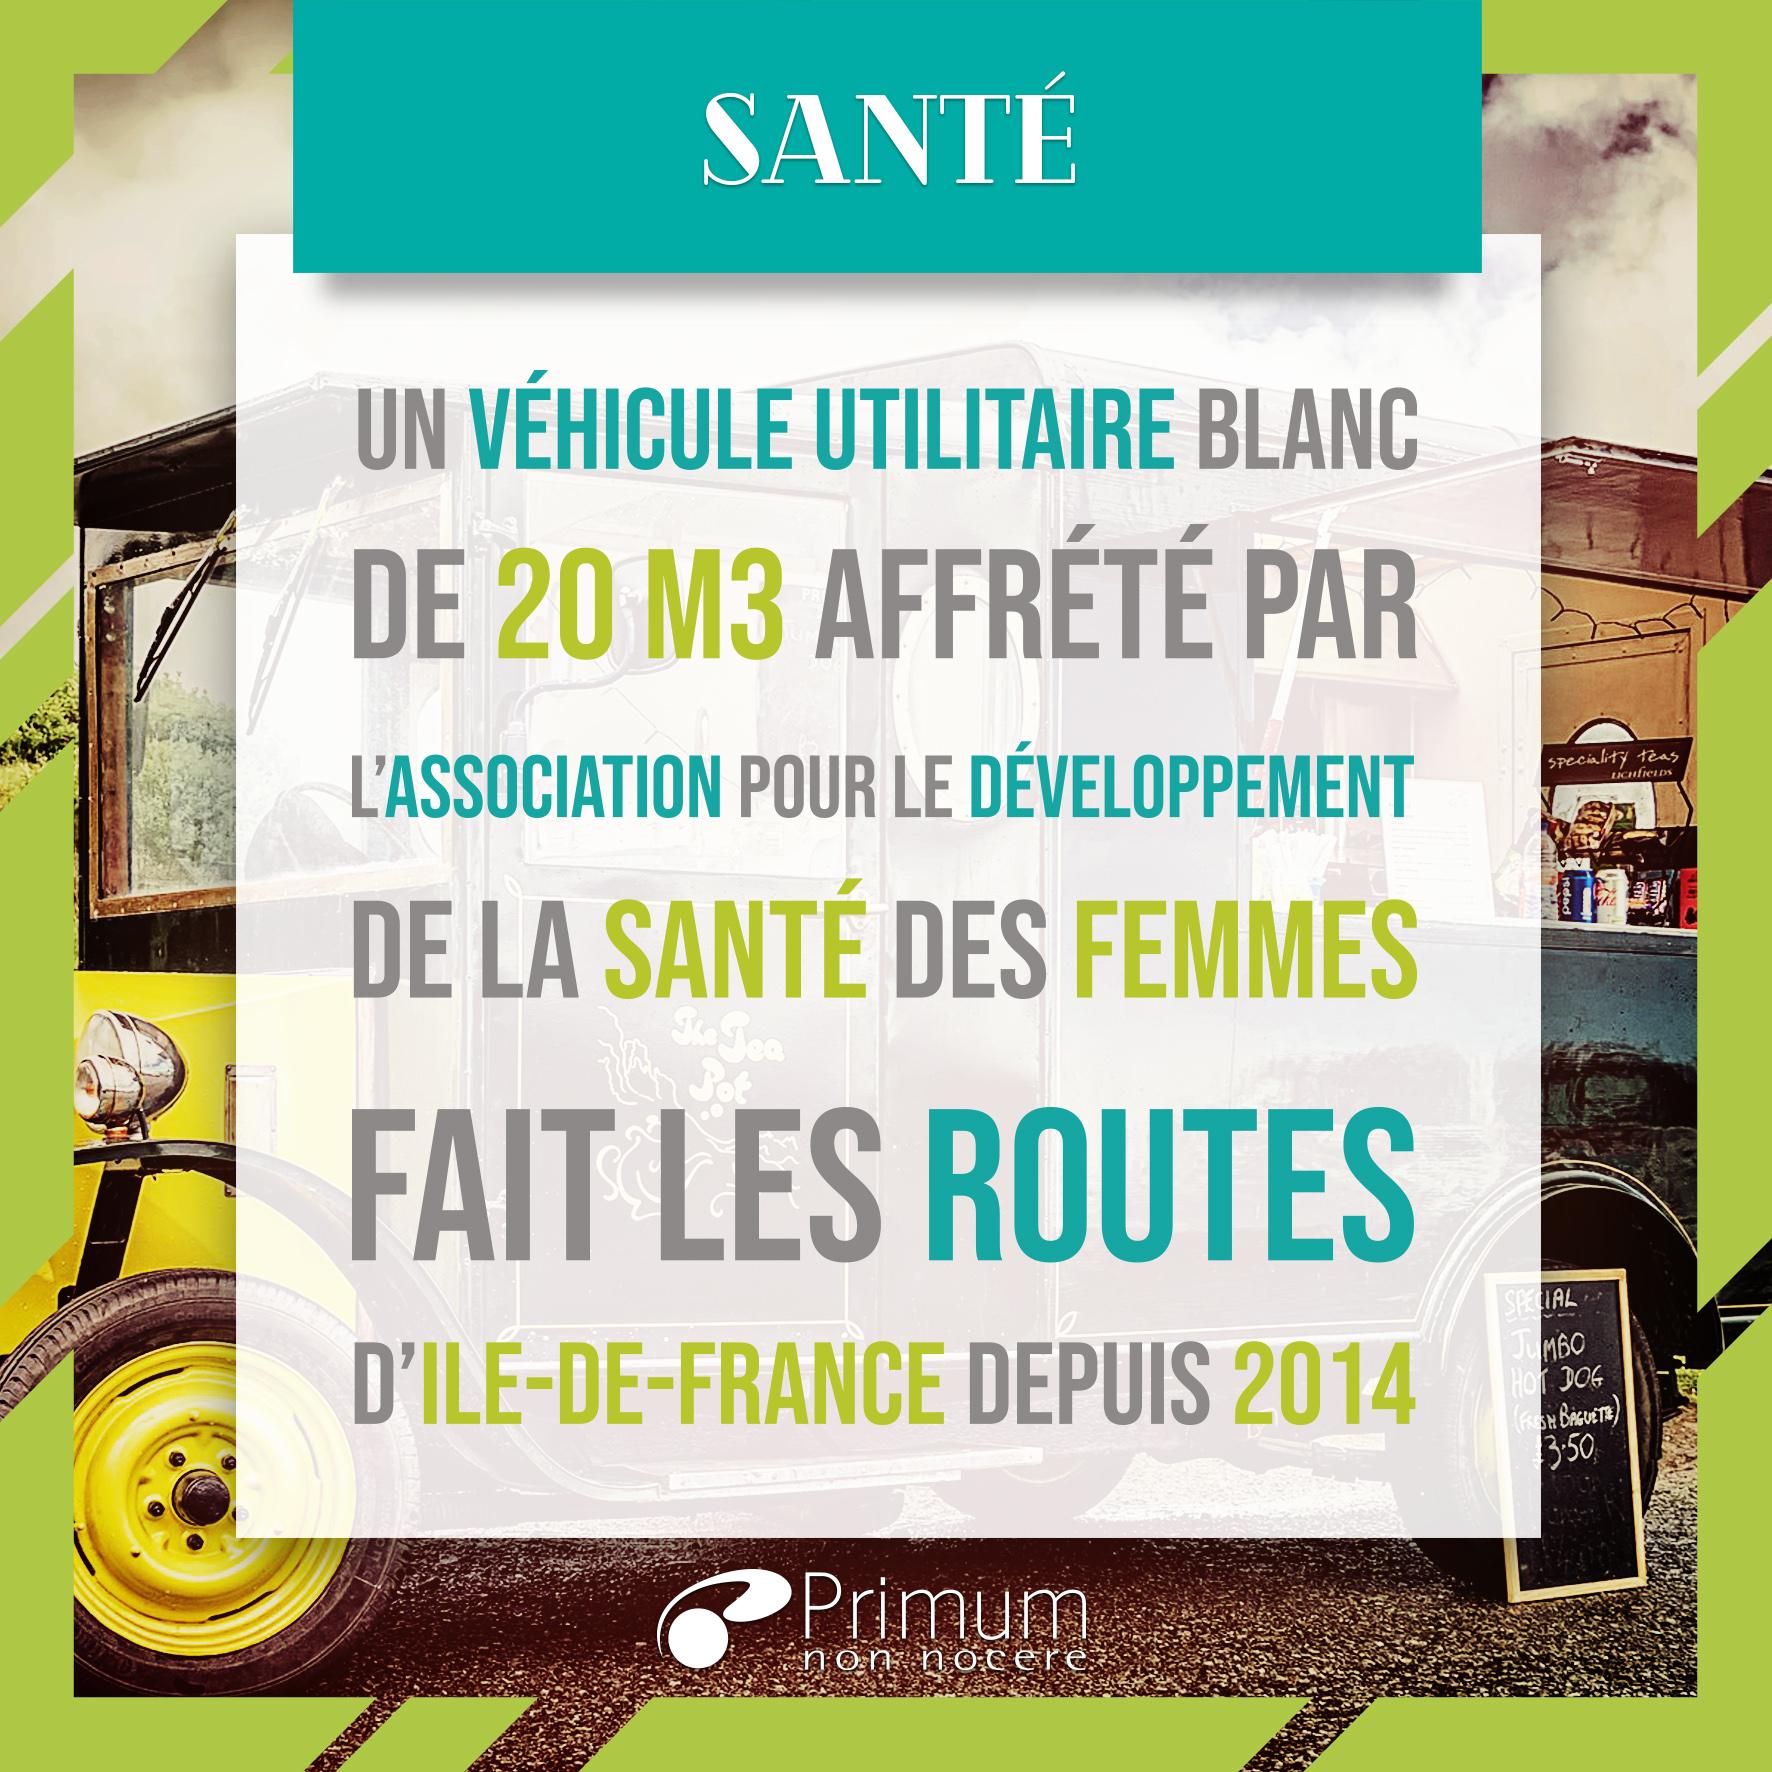 frottis truck association pour le développement de la santé des femmes